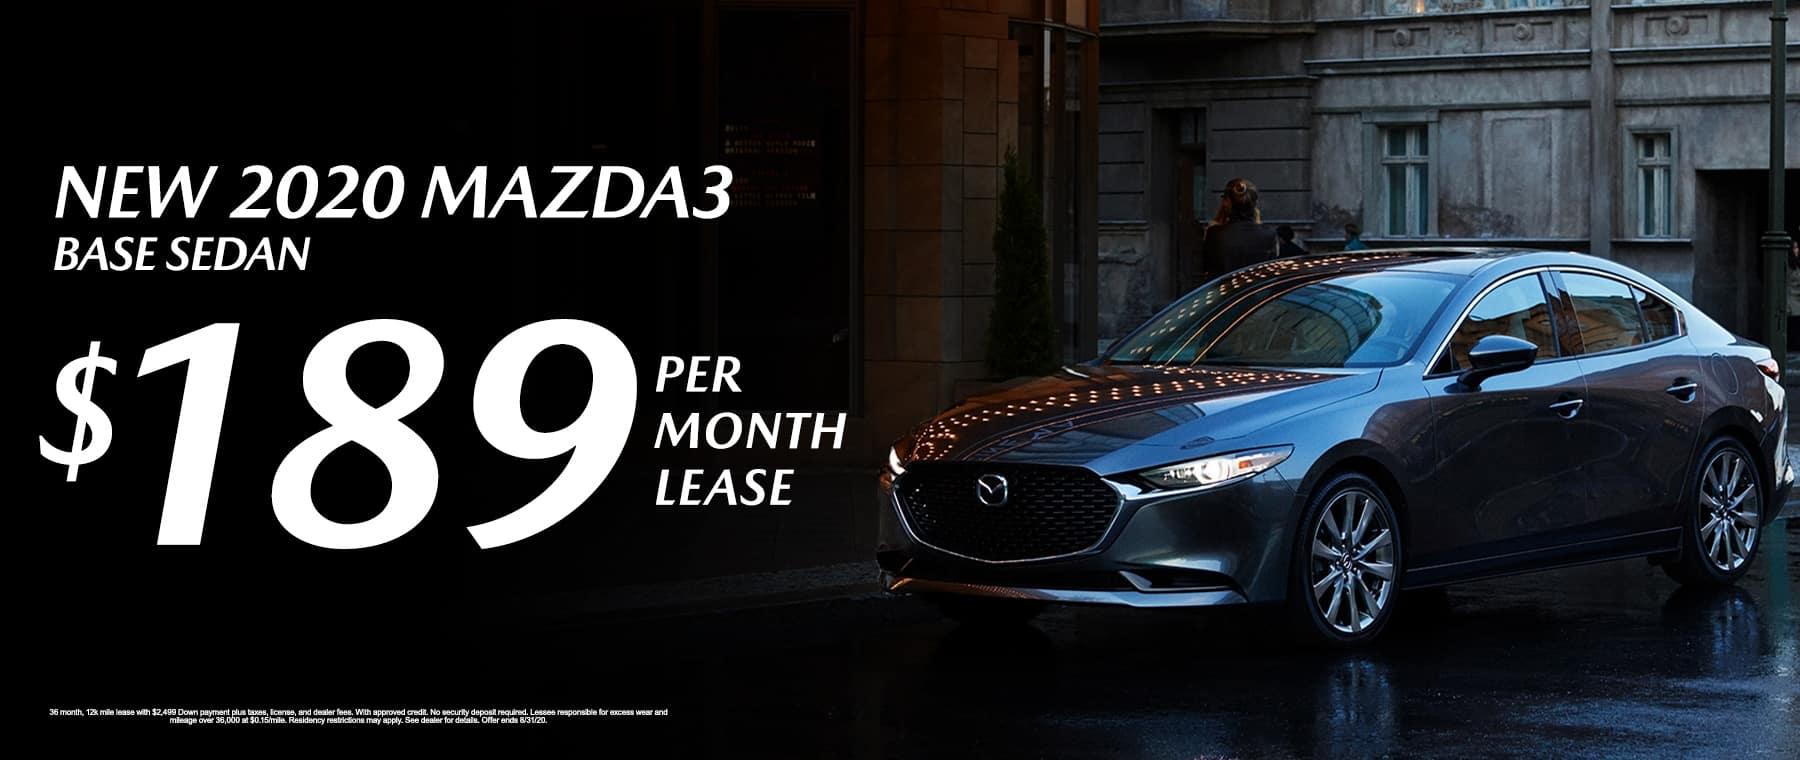 New 2020 Mazda3 Base Sedan